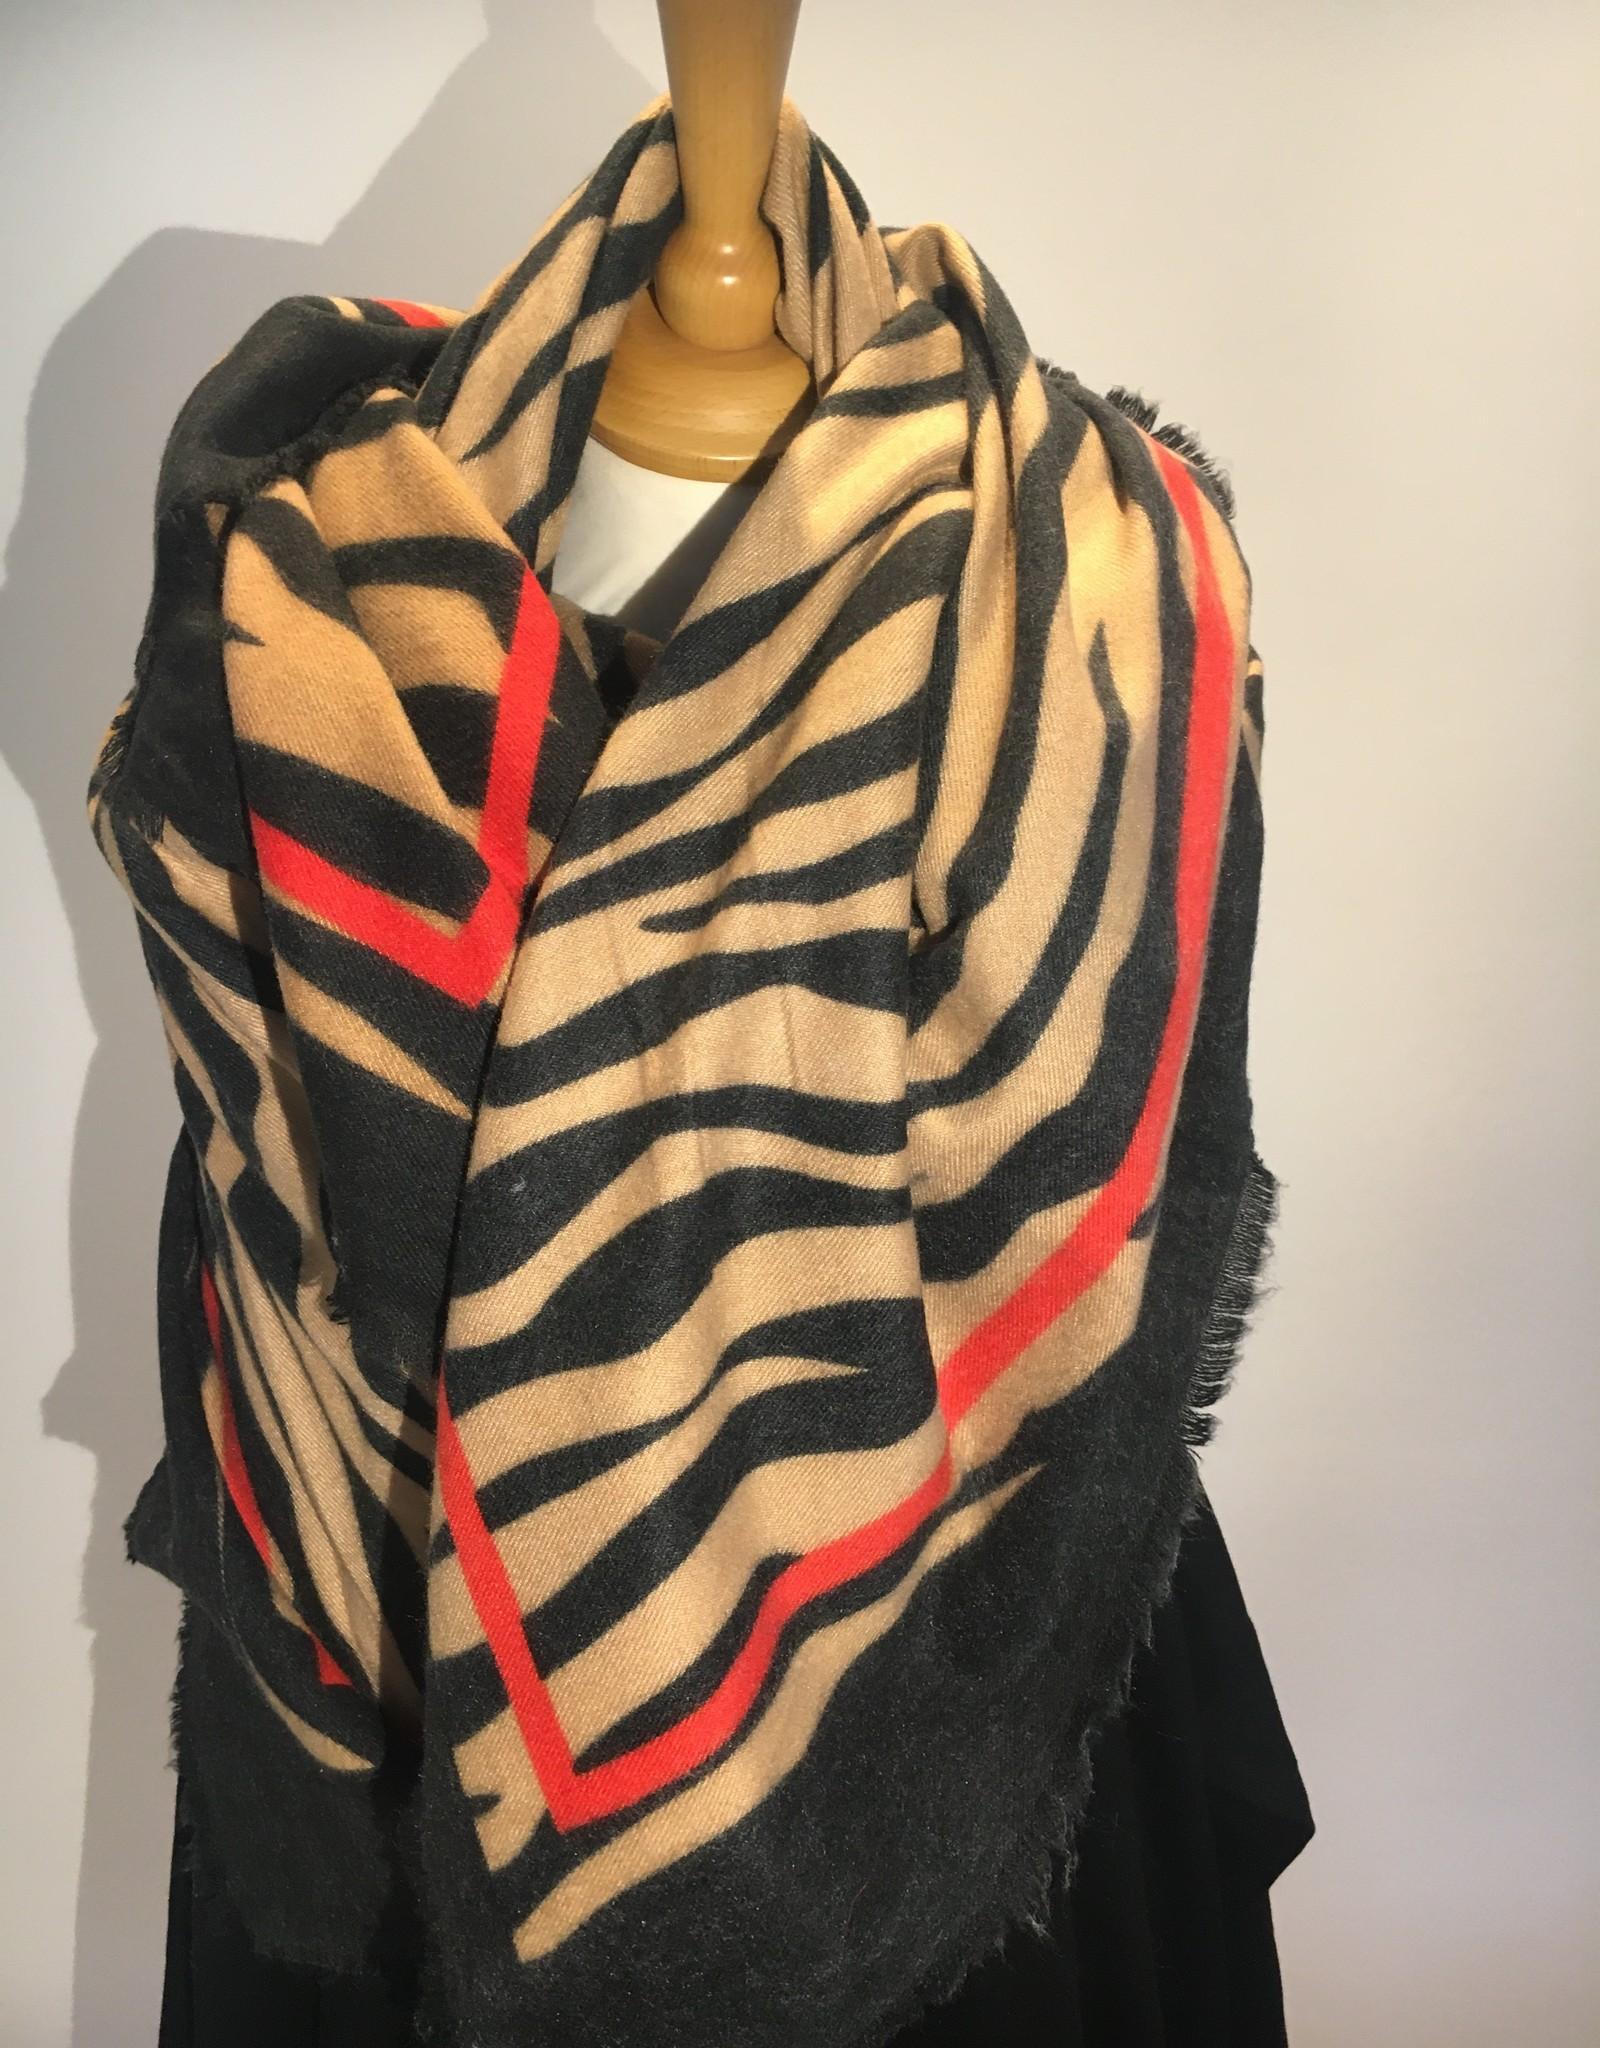 Vierkante sjaal zebraprint, camel en zwart met rode streep